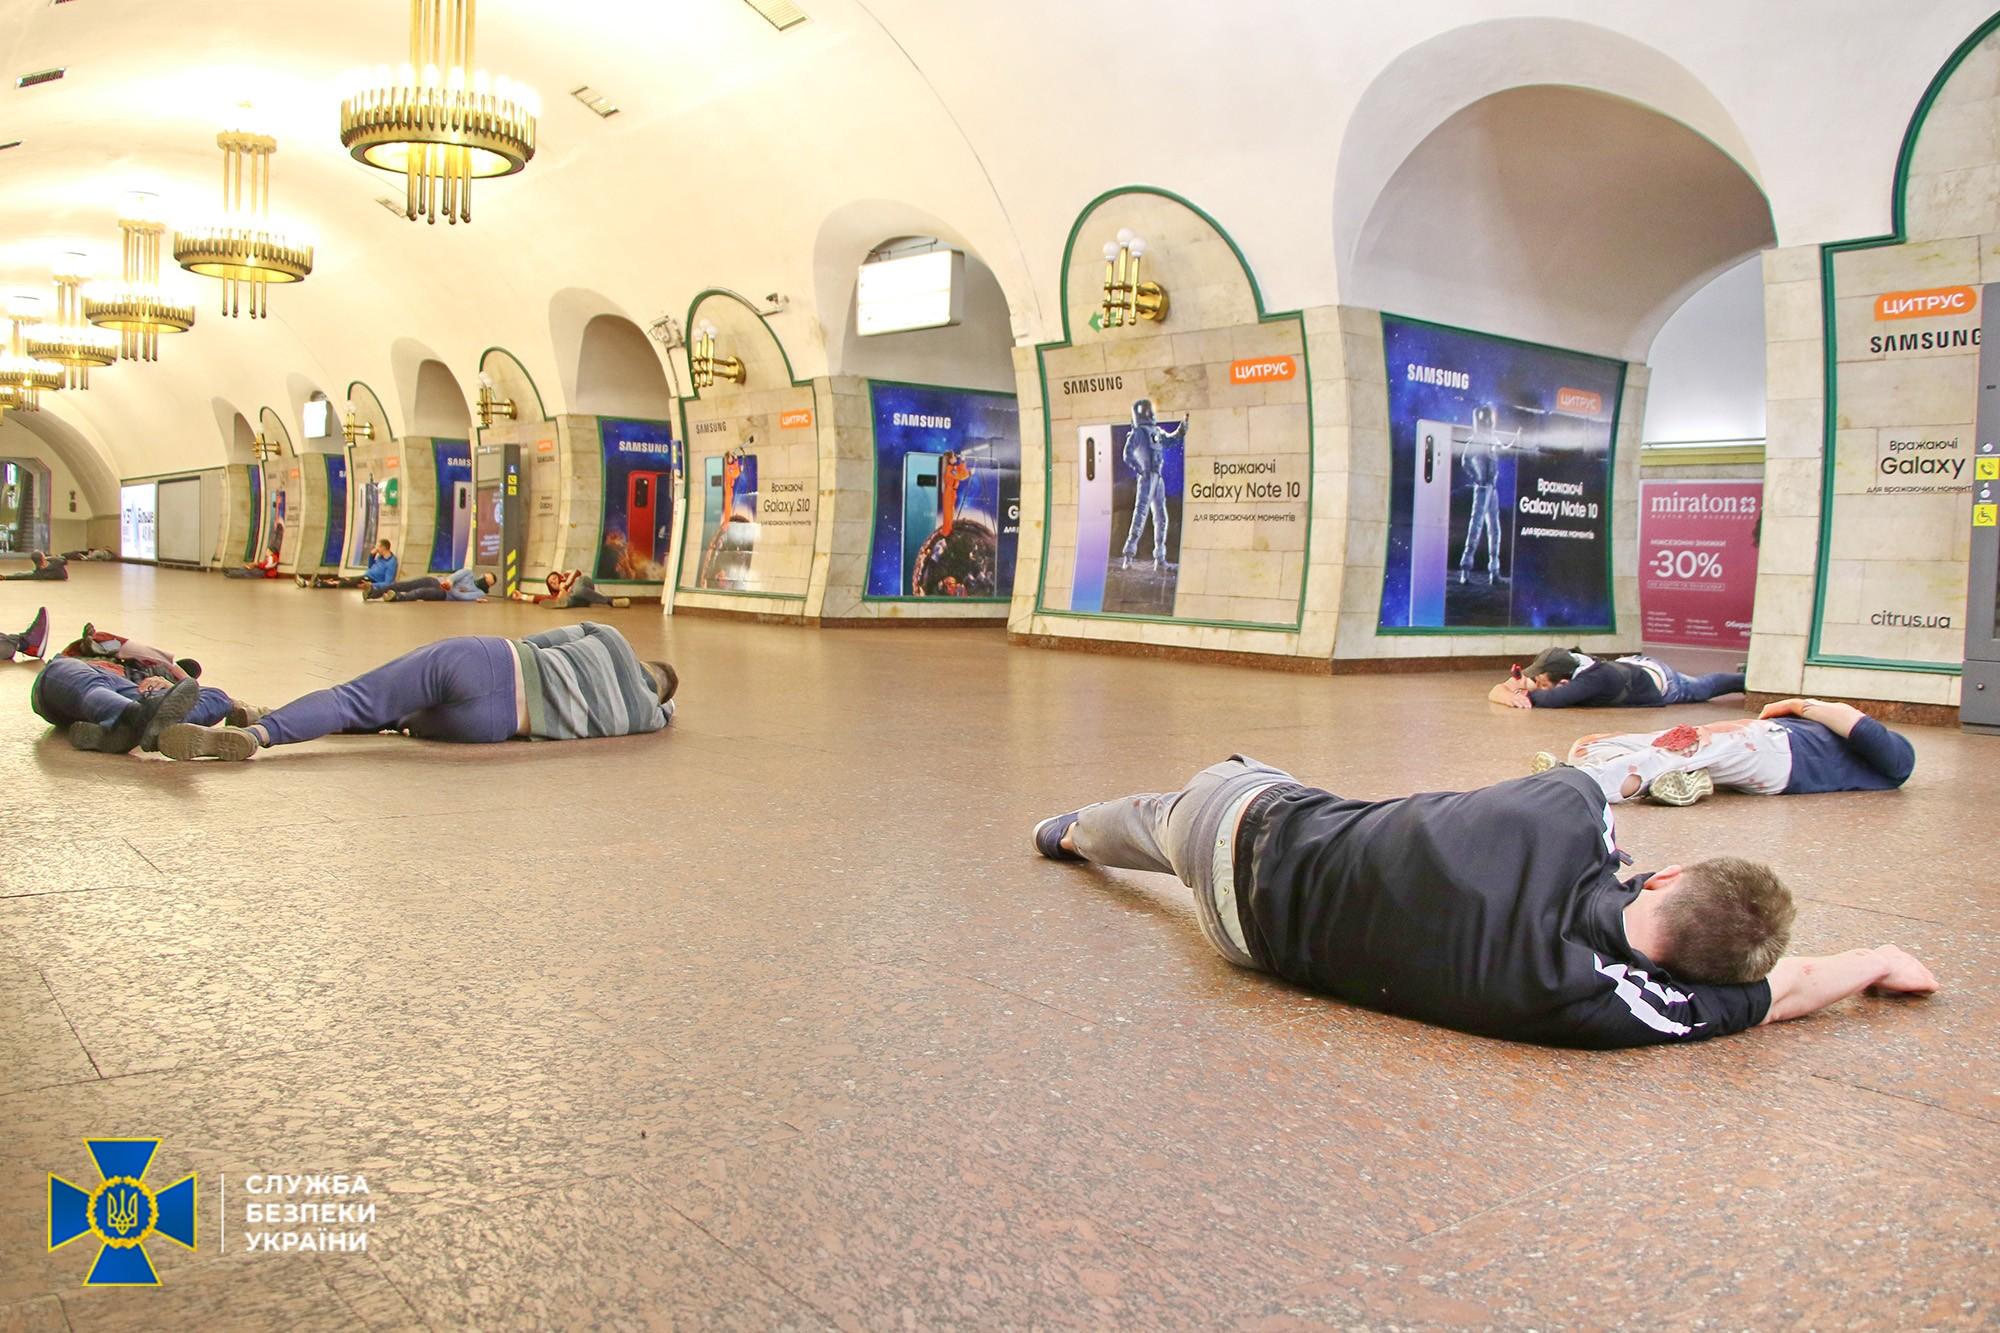 Антитерористичні навчання у метровідбувалися в умовах, максимально наближених до реальних / фото СБУ